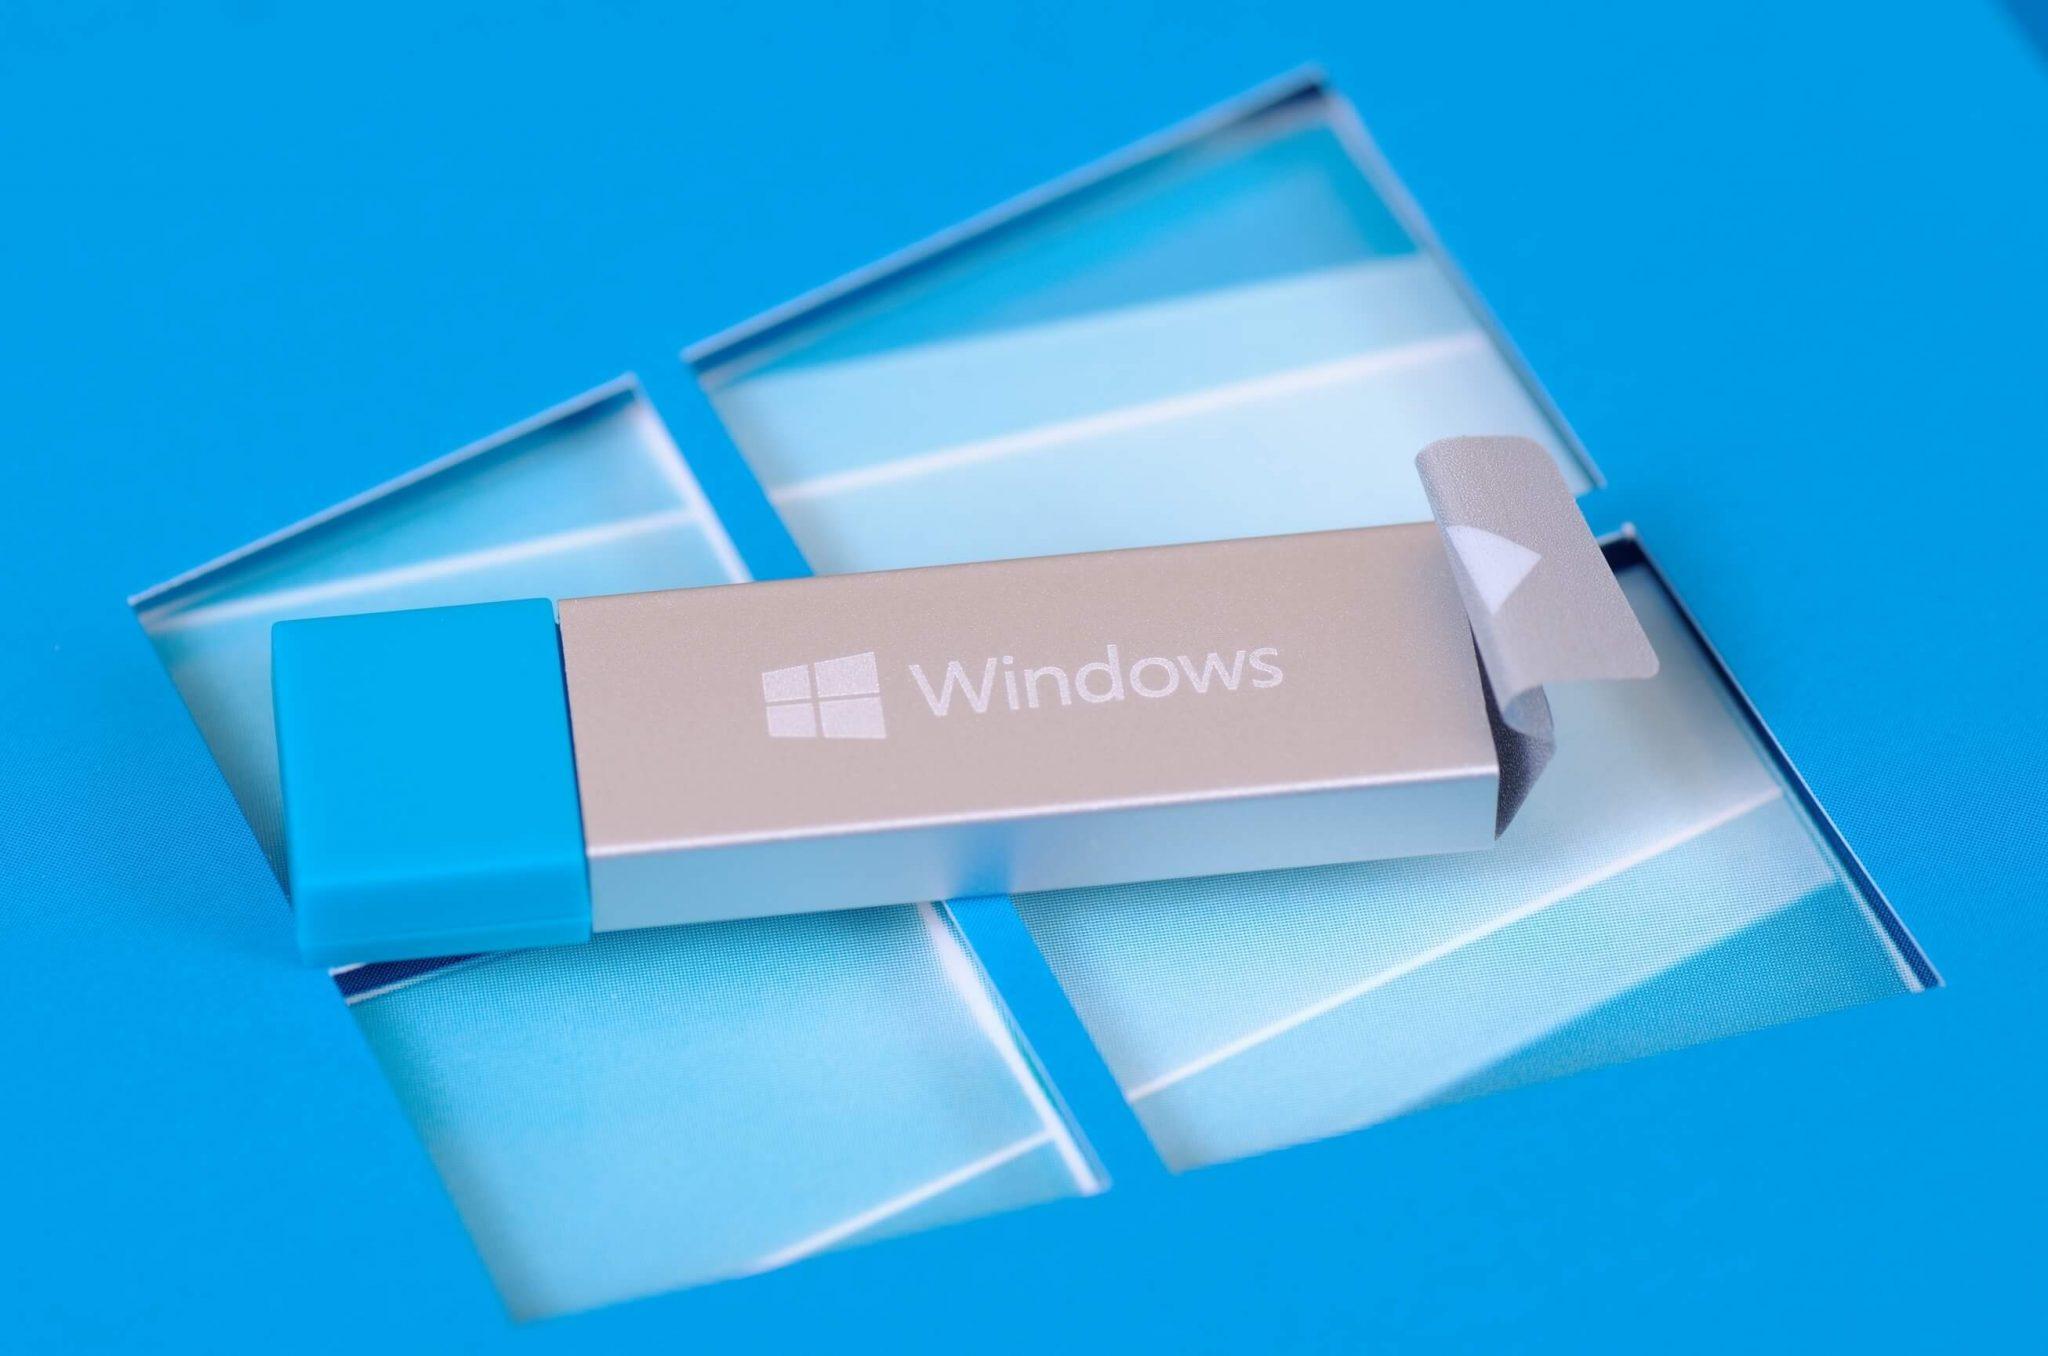 Để cài đặt một đĩa 3 Tìm hiểu phương pháp. Windows 10 3